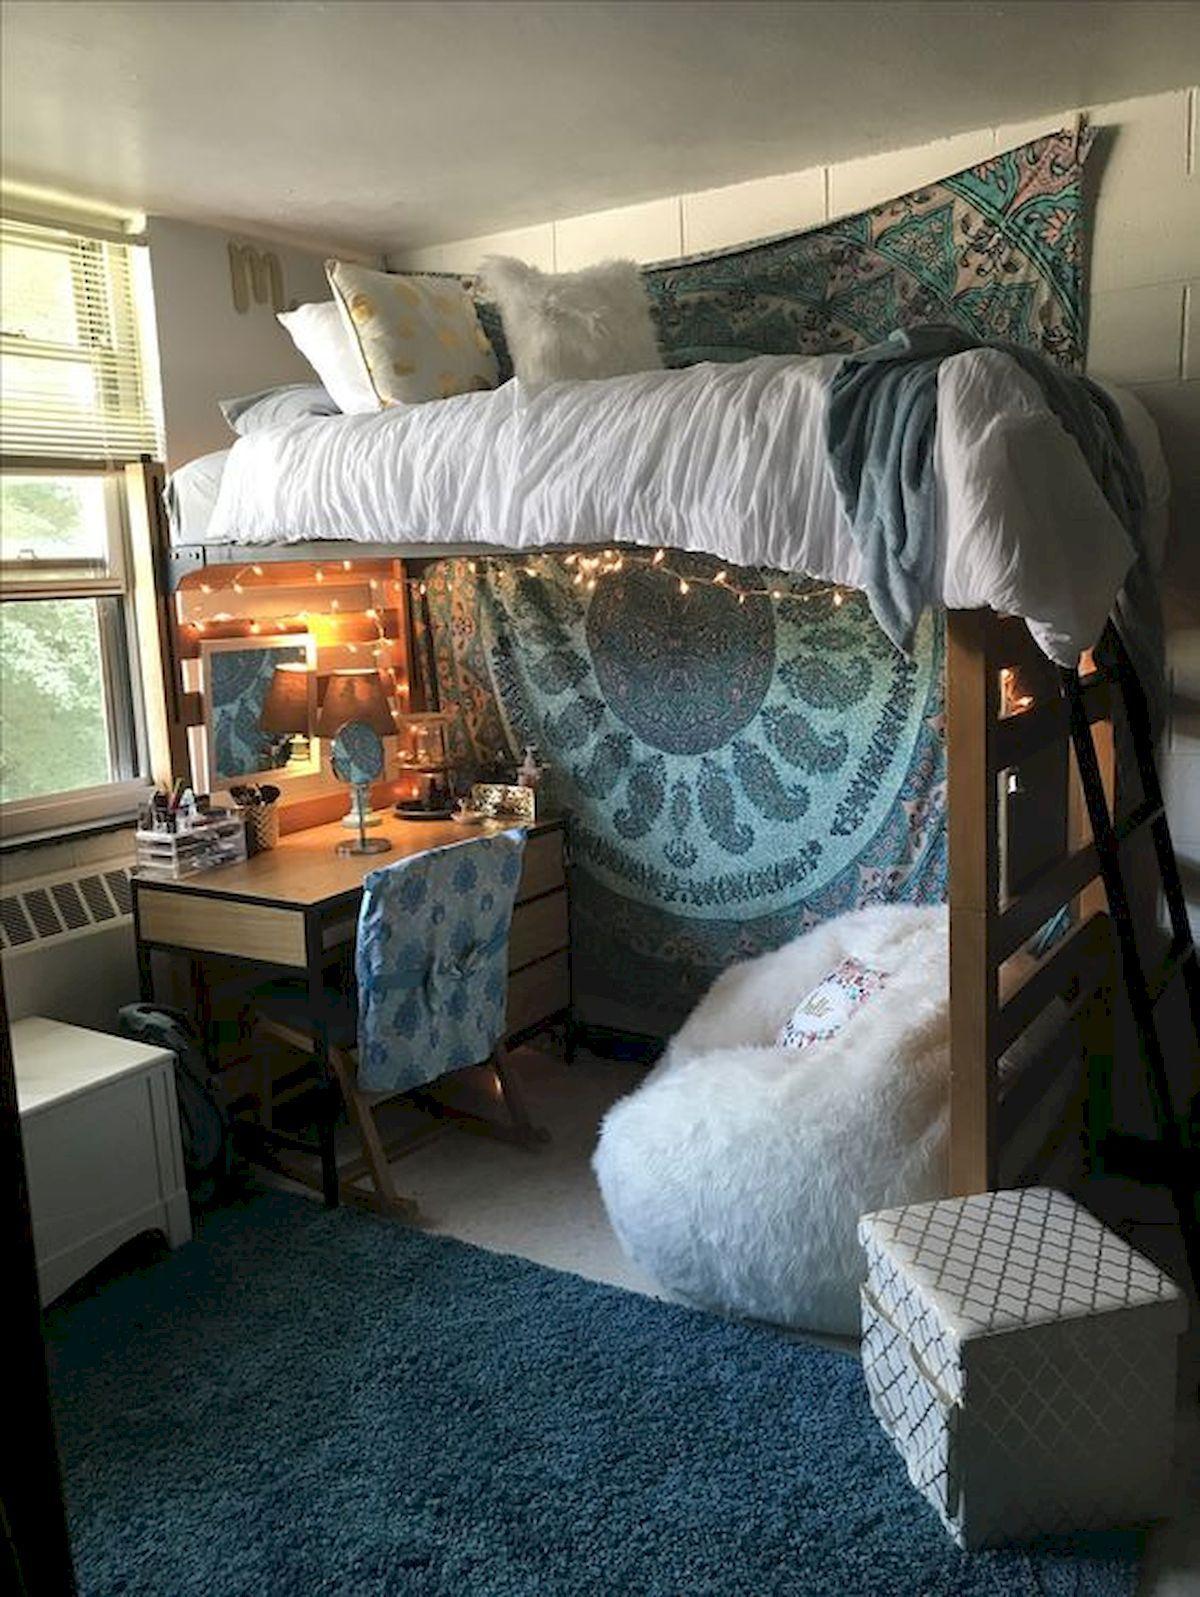 Small Dorm Room Ideas: Idea By Sophia Gracie On Dorm Room